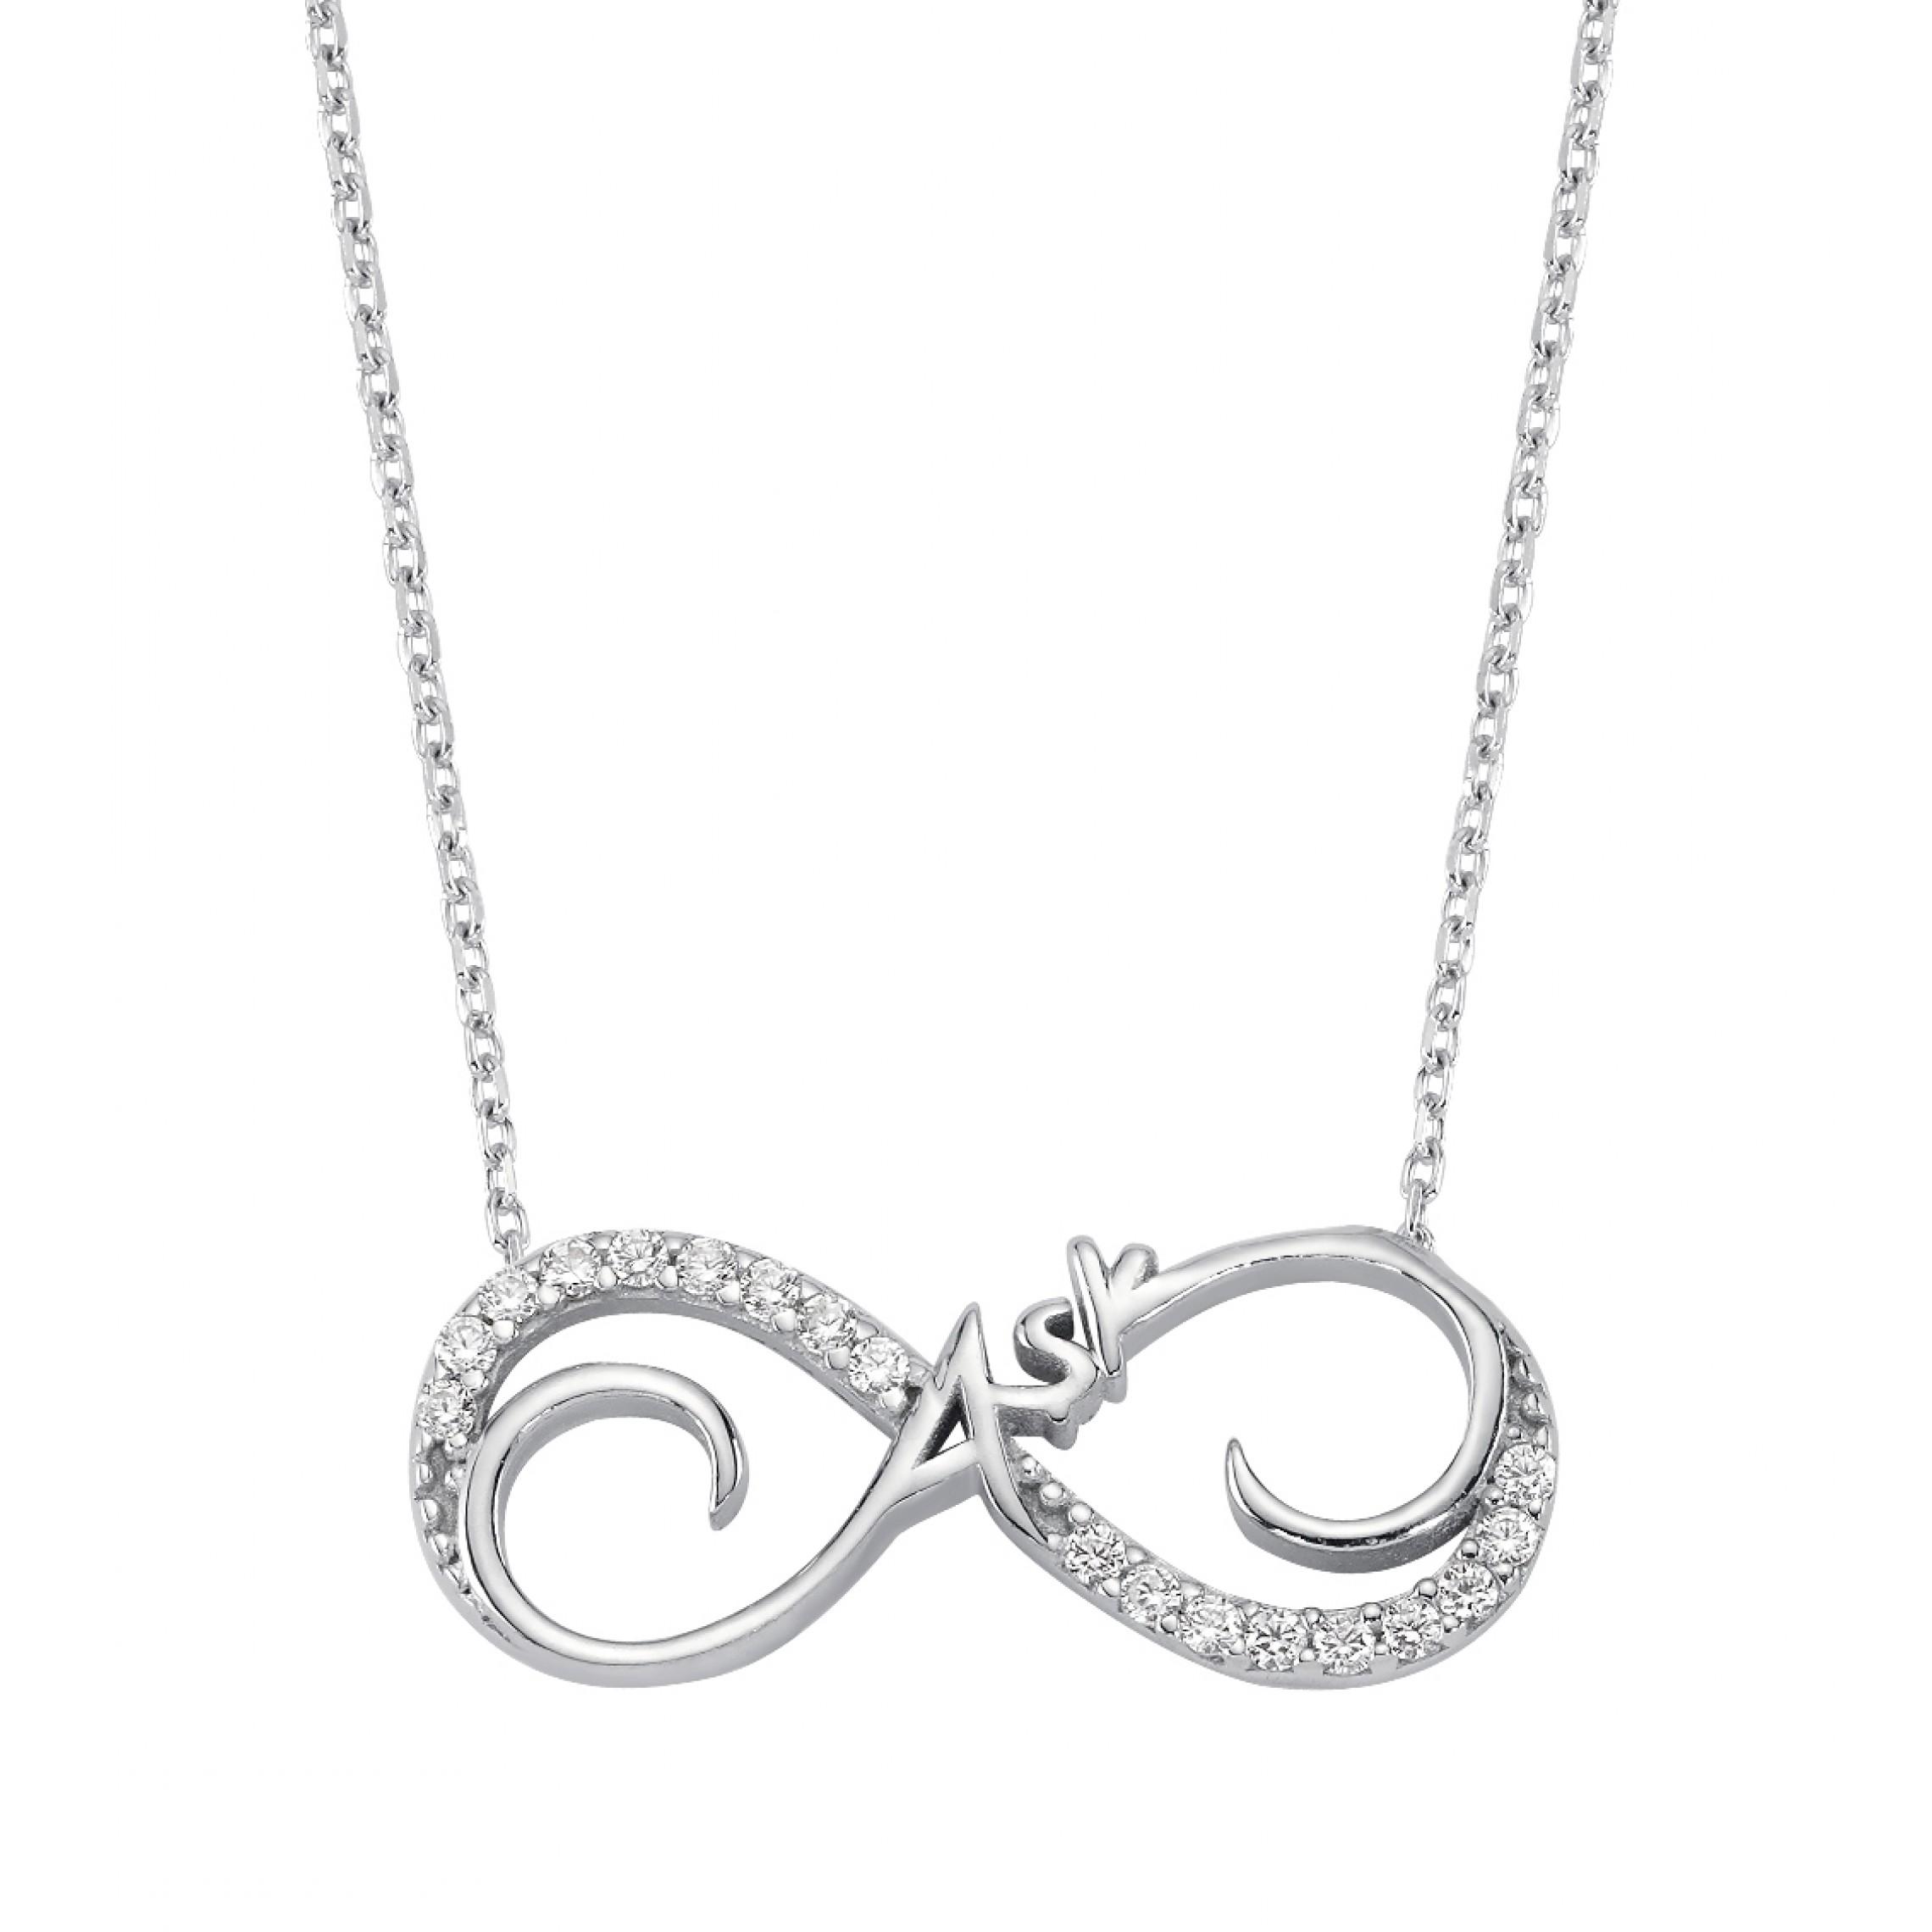 SN-557 Evil Eye 925 Sterling Silver CZ Necklace